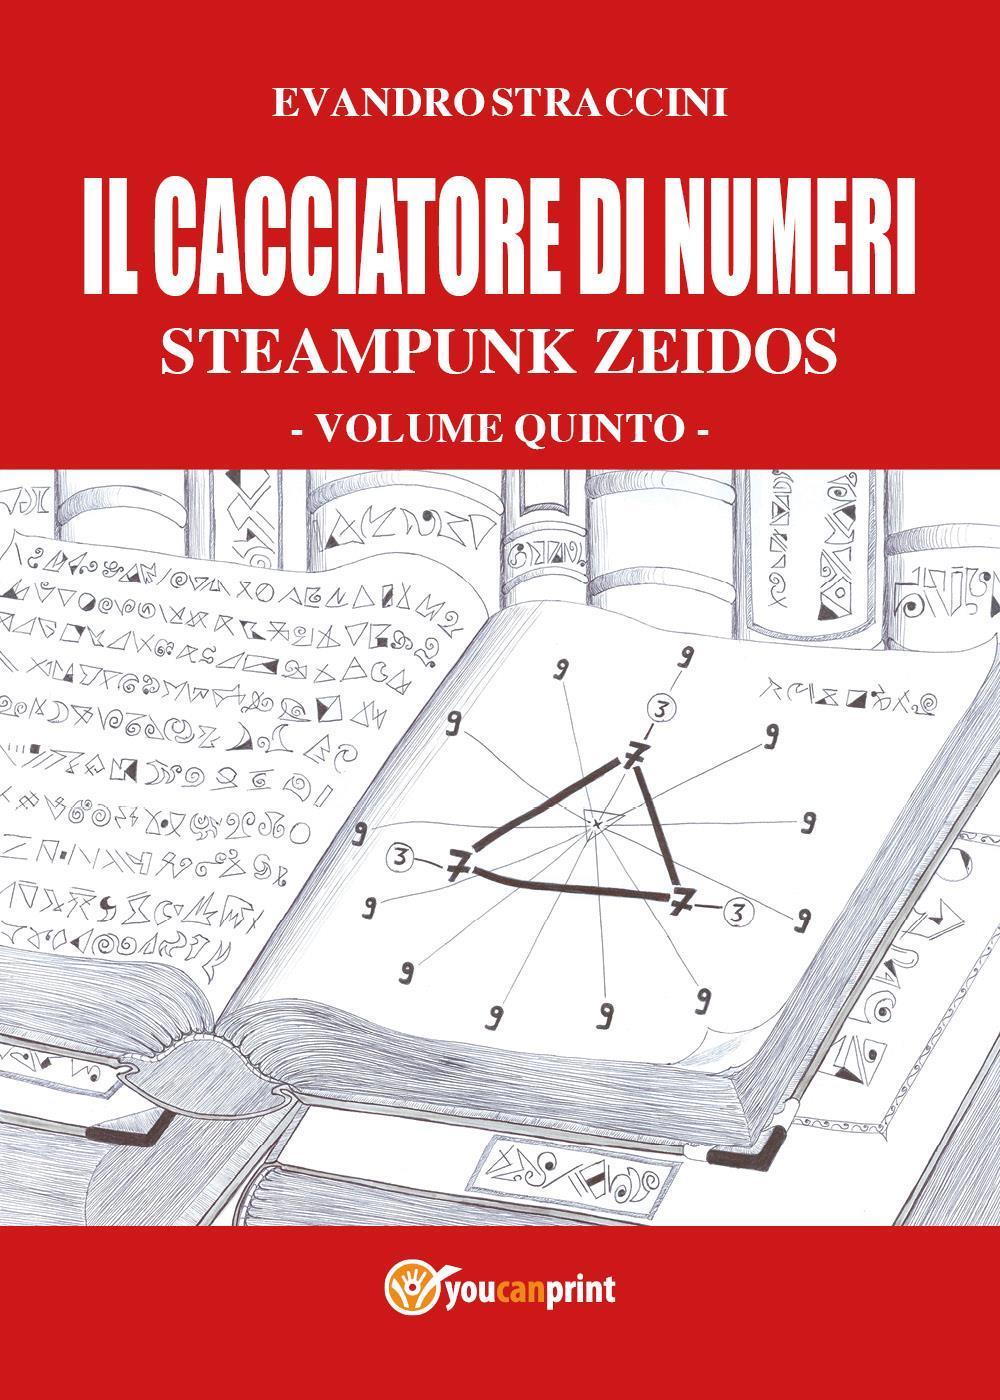 Il Cacciatore di Numeri - Steampunk Zeidos volume quinto